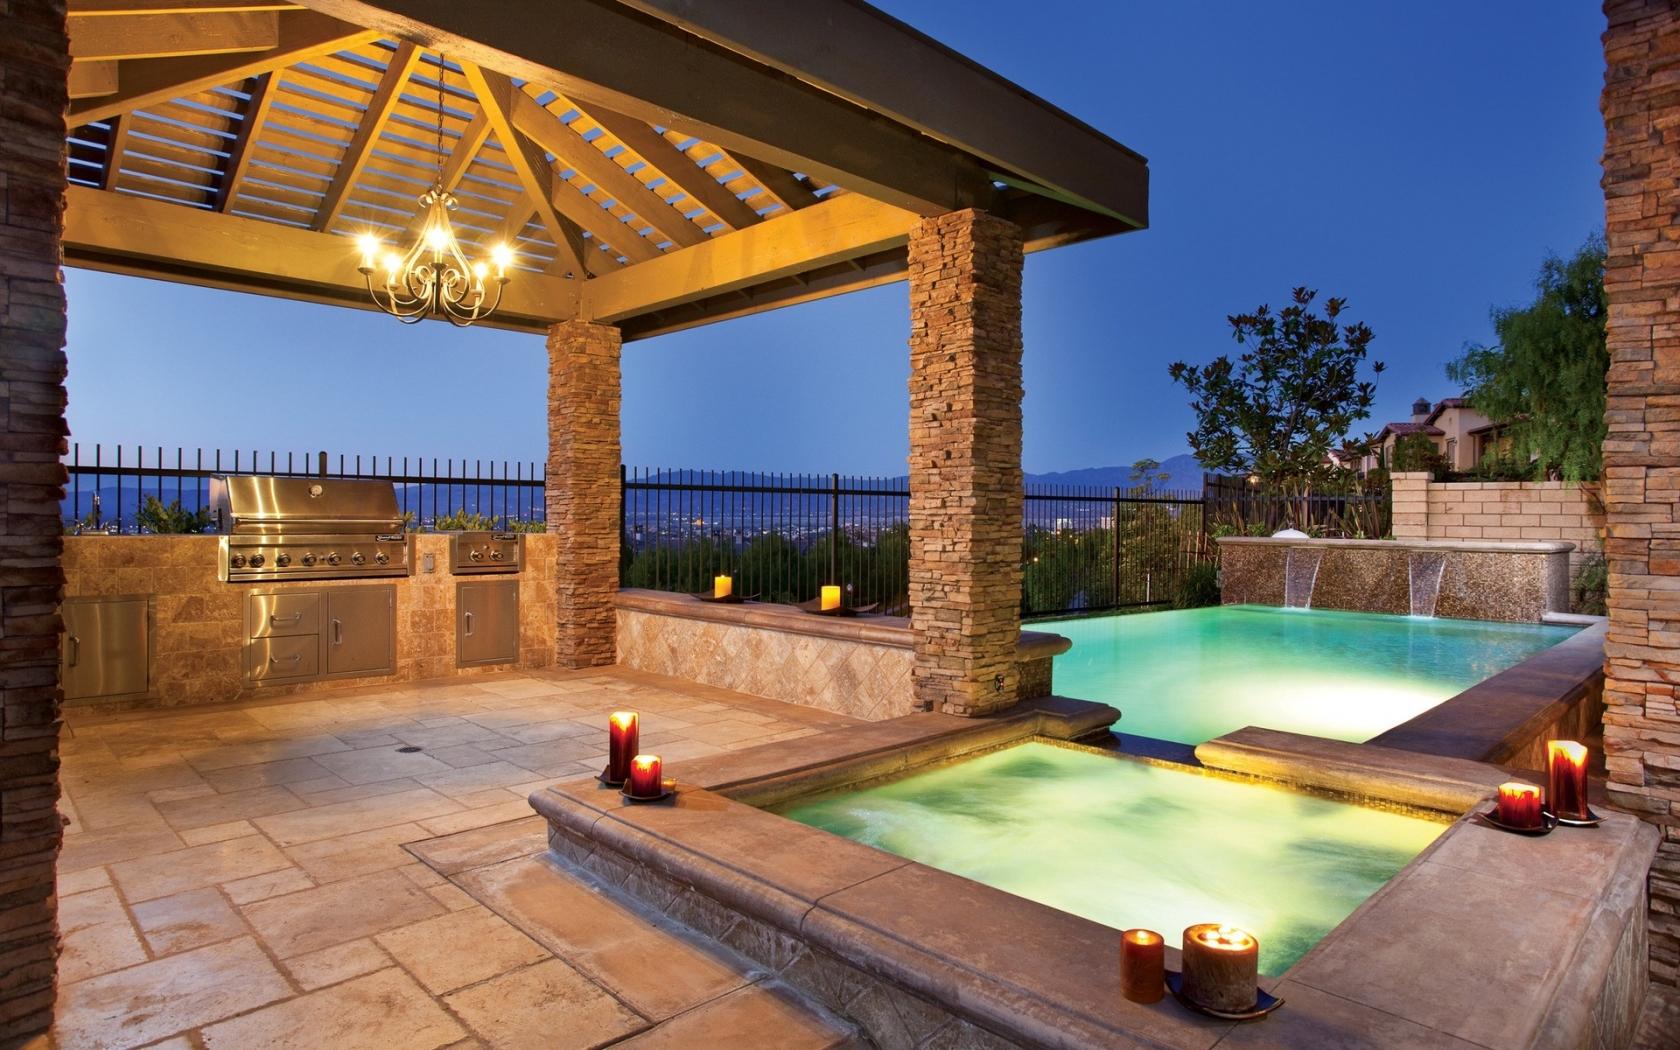 Diseño de una piscina - 1680x1050